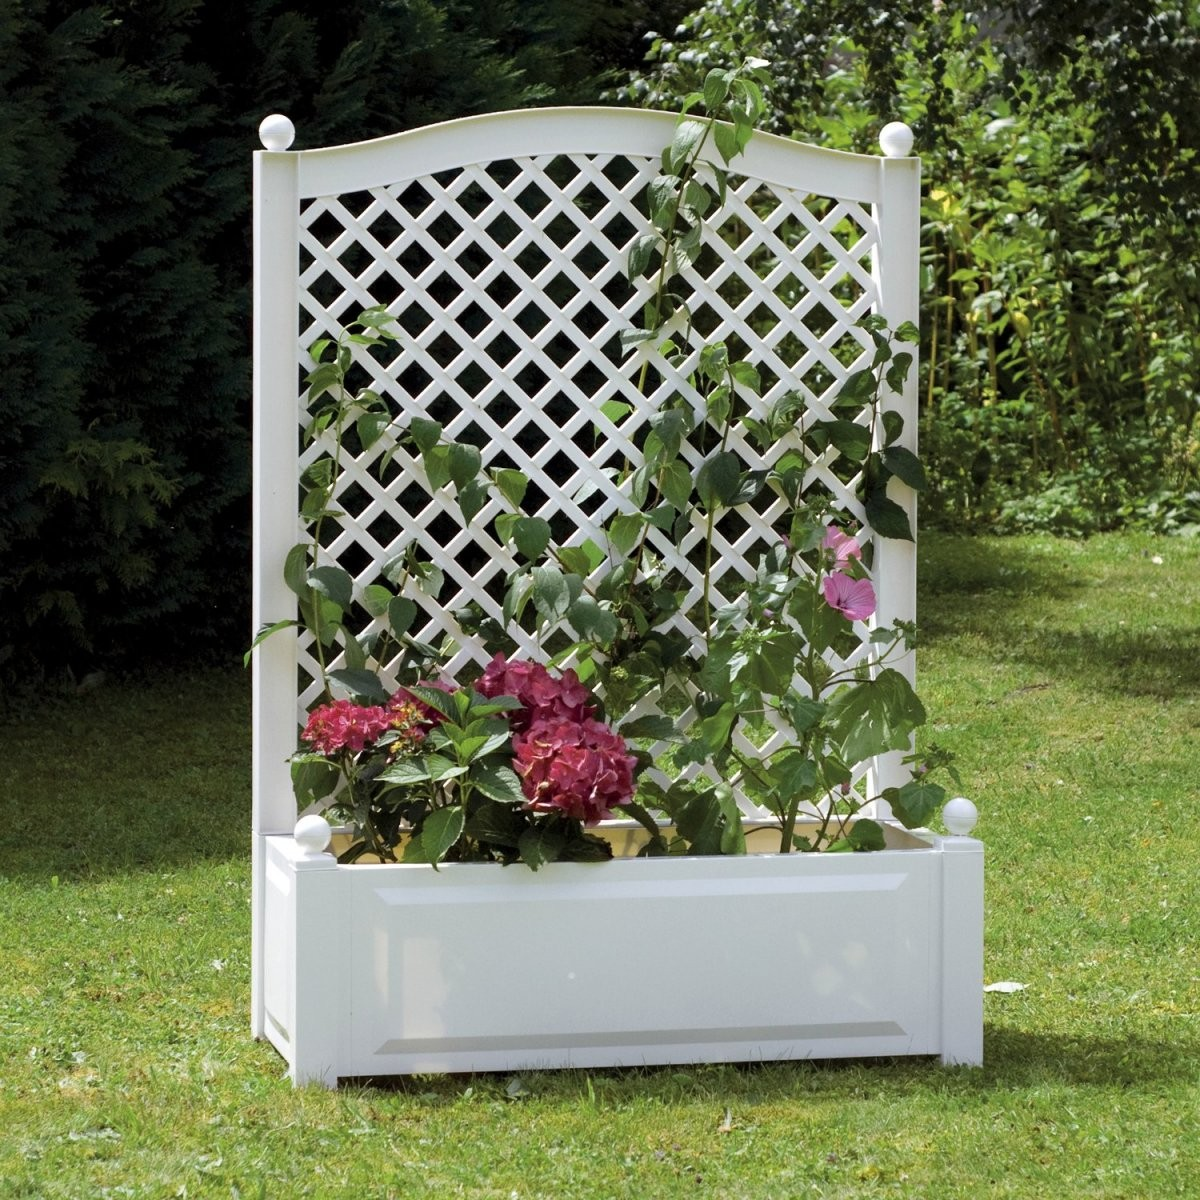 Khw Pflanzkasten Groß Mit Spalier Weiß 140 Cm X 100 Cm X 43 Cm von Garten Sichtschutz Mit Blumenkasten Bild